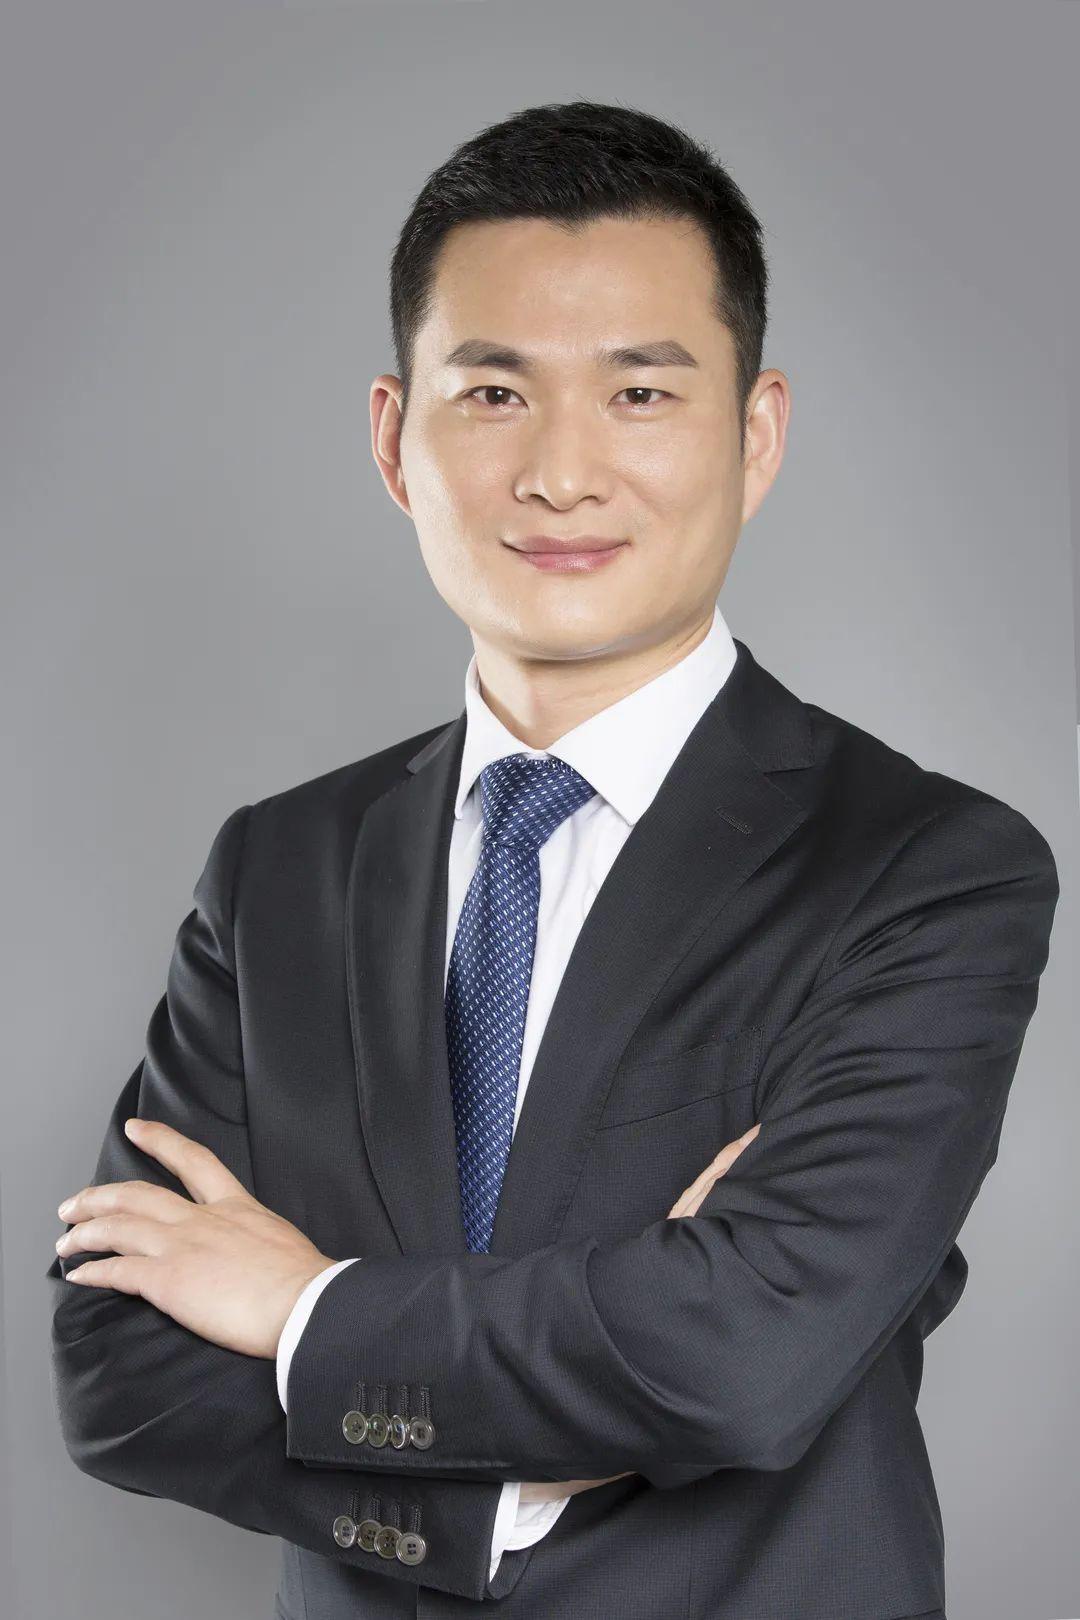 浦银安盛基金:市场短期调整 不改A股投资长期价值